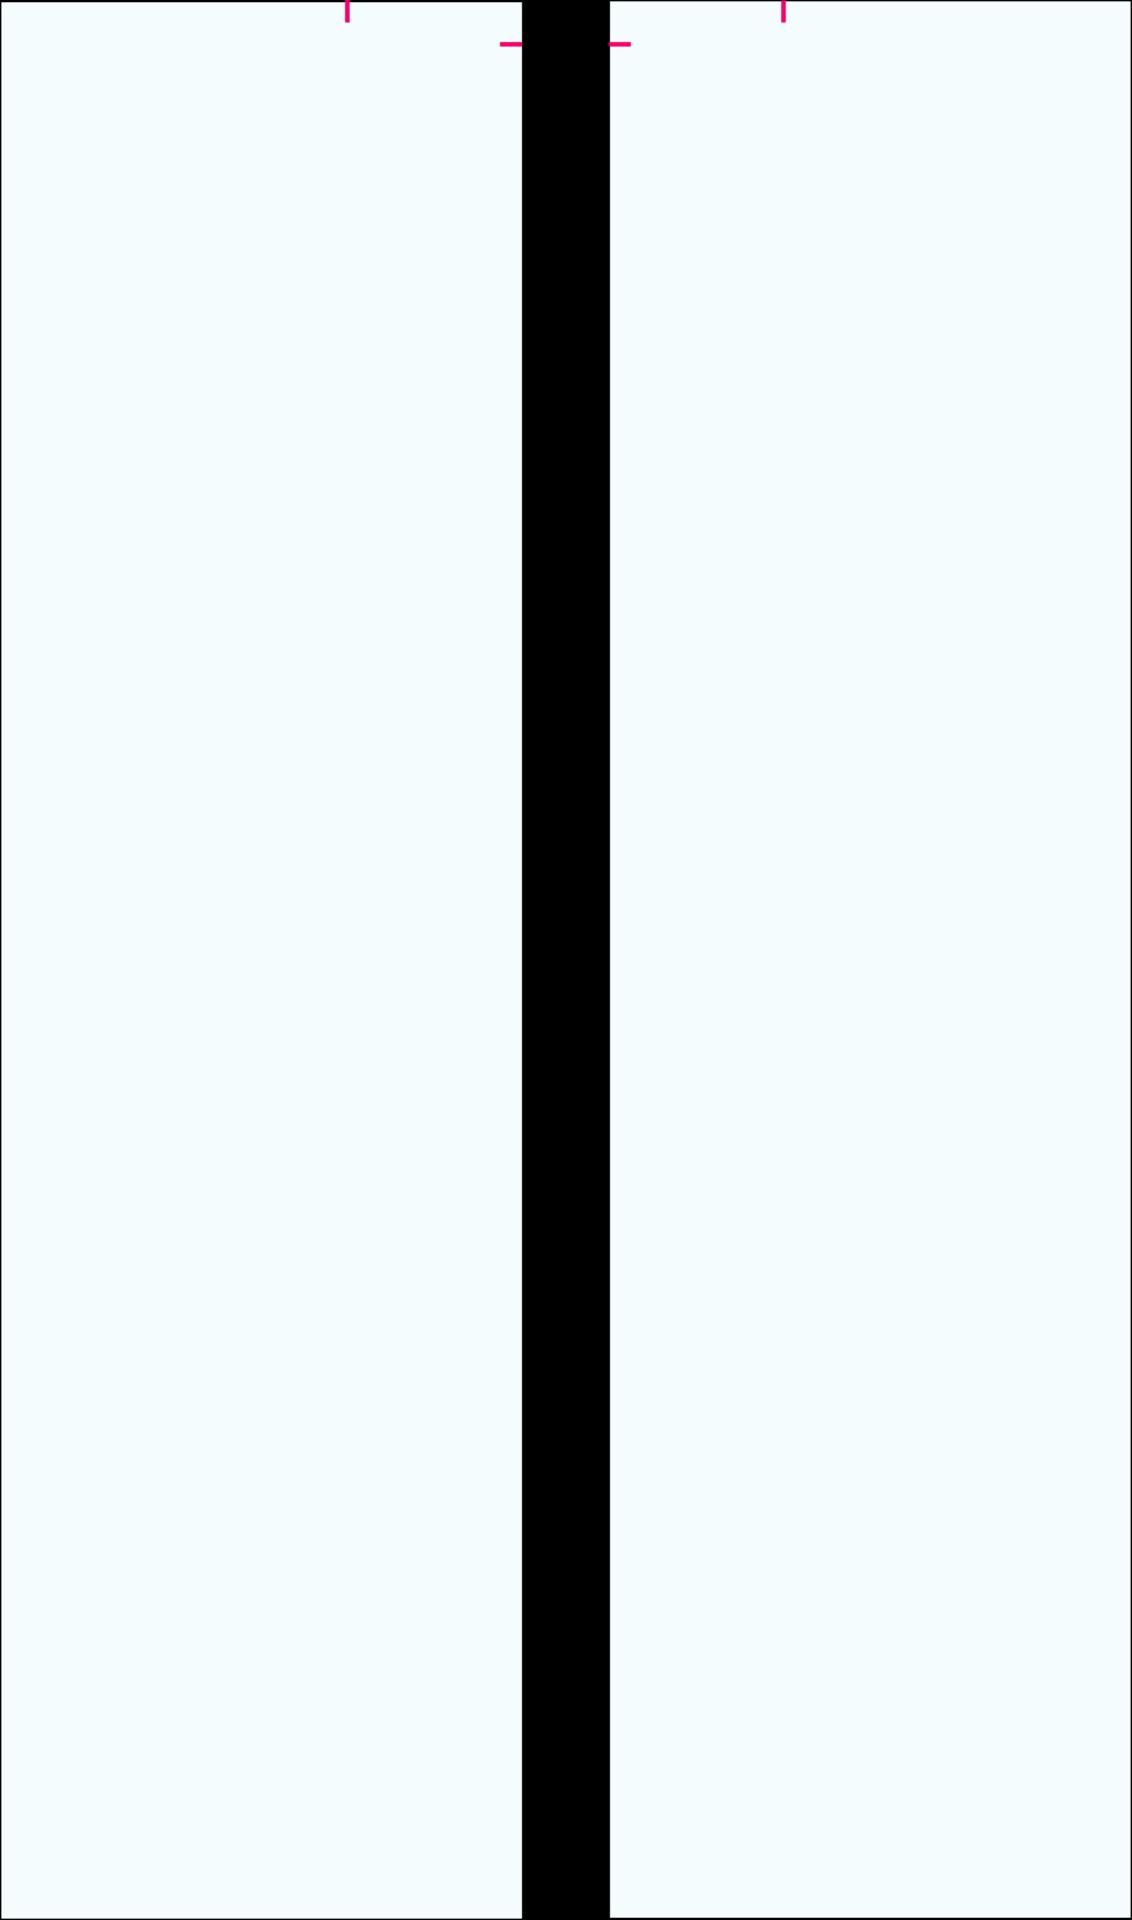 diagram 1.png